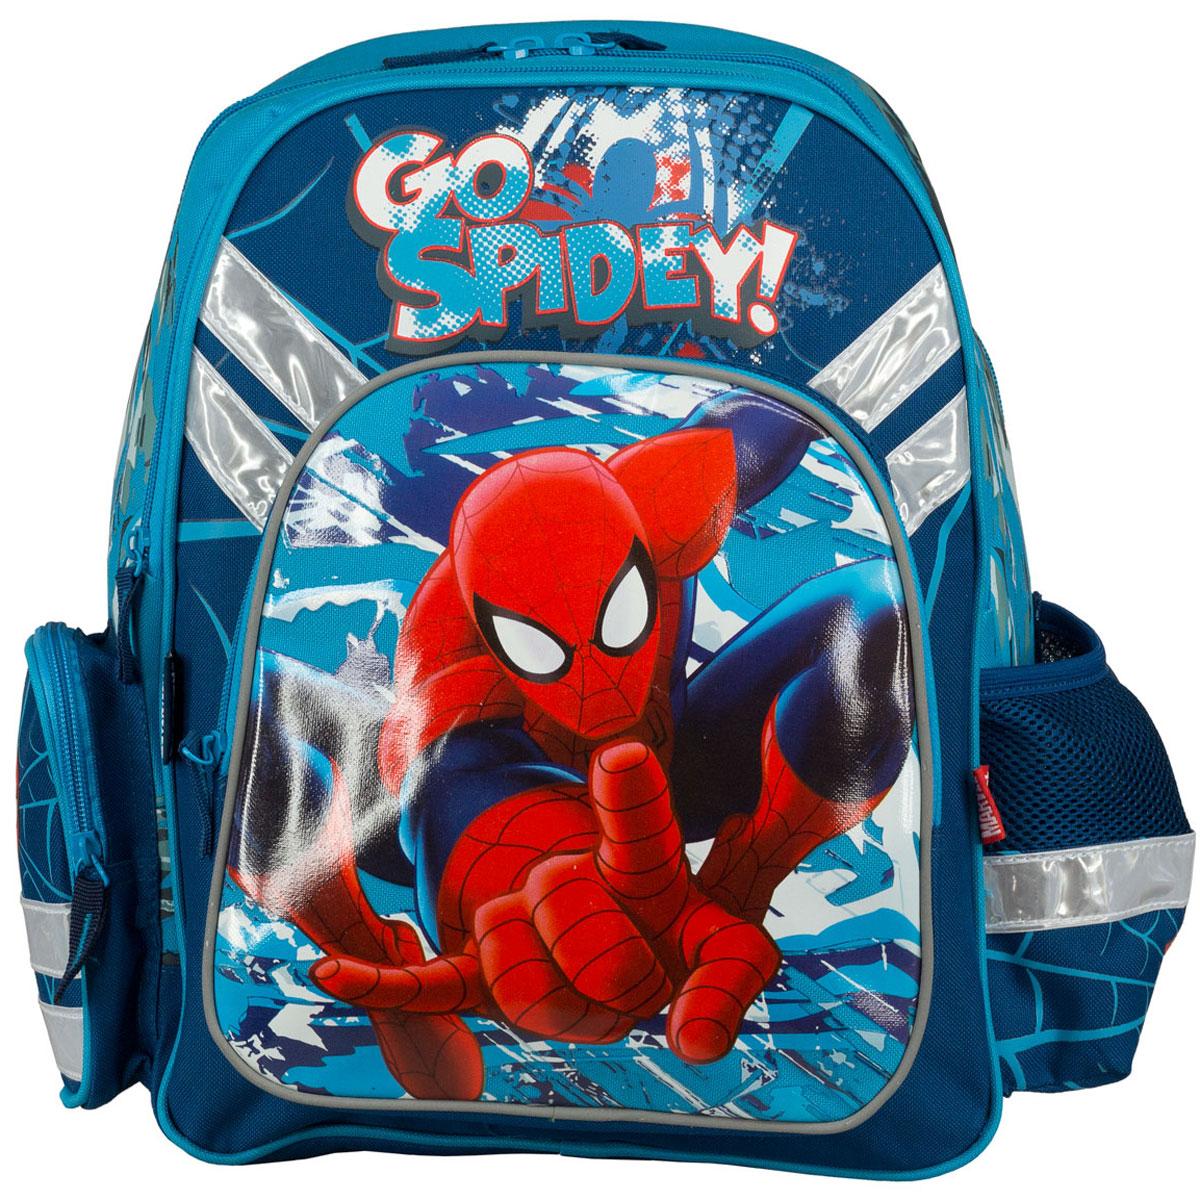 Рюкзак школьный Spider-Man, цвет: темно-синий, голубой. SMCB-MT1-962172523WDРюкзак школьный Spider-Man обязательно понравится вашему школьнику. Выполнен из прочных и высококачественных материалов, дополнен изображением Человека-паука.Содержит два вместительных отделения, закрывающиеся на застежки-молнии. В большом отделении находятся две перегородки для тетрадей или учебников. Дно рюкзака можно сделать жестким, разложив специальную панель с пластиковой вставкой, что повышает сохранность содержимого рюкзака и способствует правильному распределению нагрузки. Лицевая сторона оснащена накладным карманом на молнии. По бокам расположены два накладных кармана: на застежке-молнии и открытый, стянутый сверху резинкой. Специально разработанная архитектура спинки со стабилизирующими набивными элементами повторяет естественный изгиб позвоночника. Набивные элементы обеспечивают вентиляцию спины ребенка. Плечевые лямки анатомической формы равномерно распределяют нагрузку на плечевую и воротниковую зоны. Конструкция пряжки лямок позволяет отрегулировать рюкзак по фигуре. Рюкзак оснащен эргономичной ручкой для удобной переноски в руке. Светоотражающие элементы обеспечивают безопасность в темное время суток.Многофункциональный школьный рюкзак станет незаменимым спутником вашего ребенка в походах за знаниями.Вес рюкзака без наполнения: 700 г. Рекомендуемый возраст: от 12 лет.